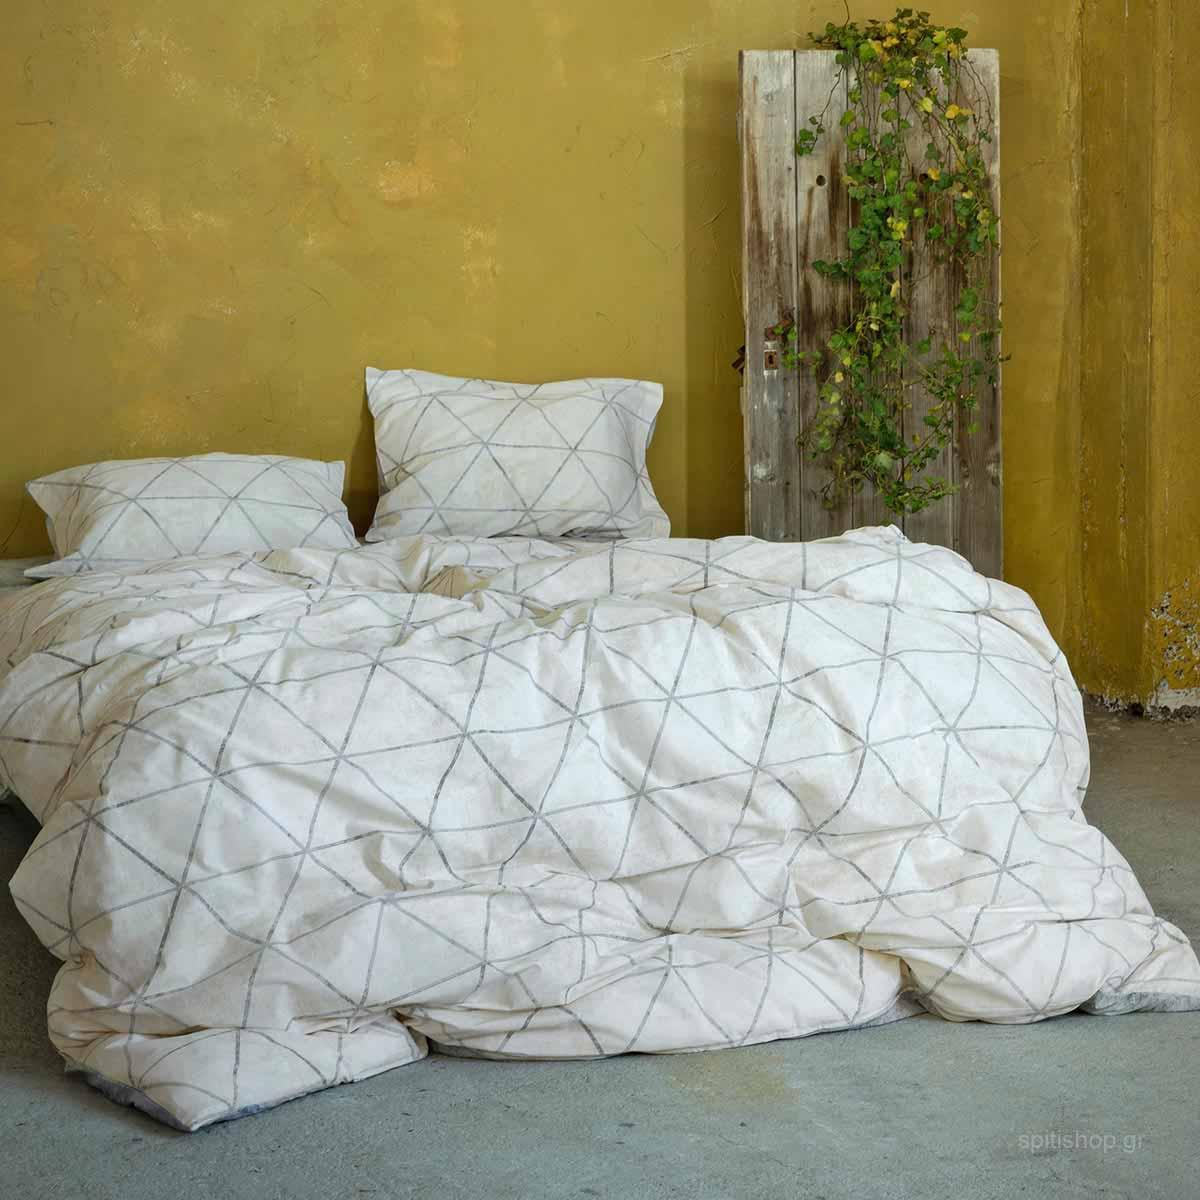 Σεντόνια Υπέρδιπλα (Σετ 220×260) Nima Bed Linen Swank Beige